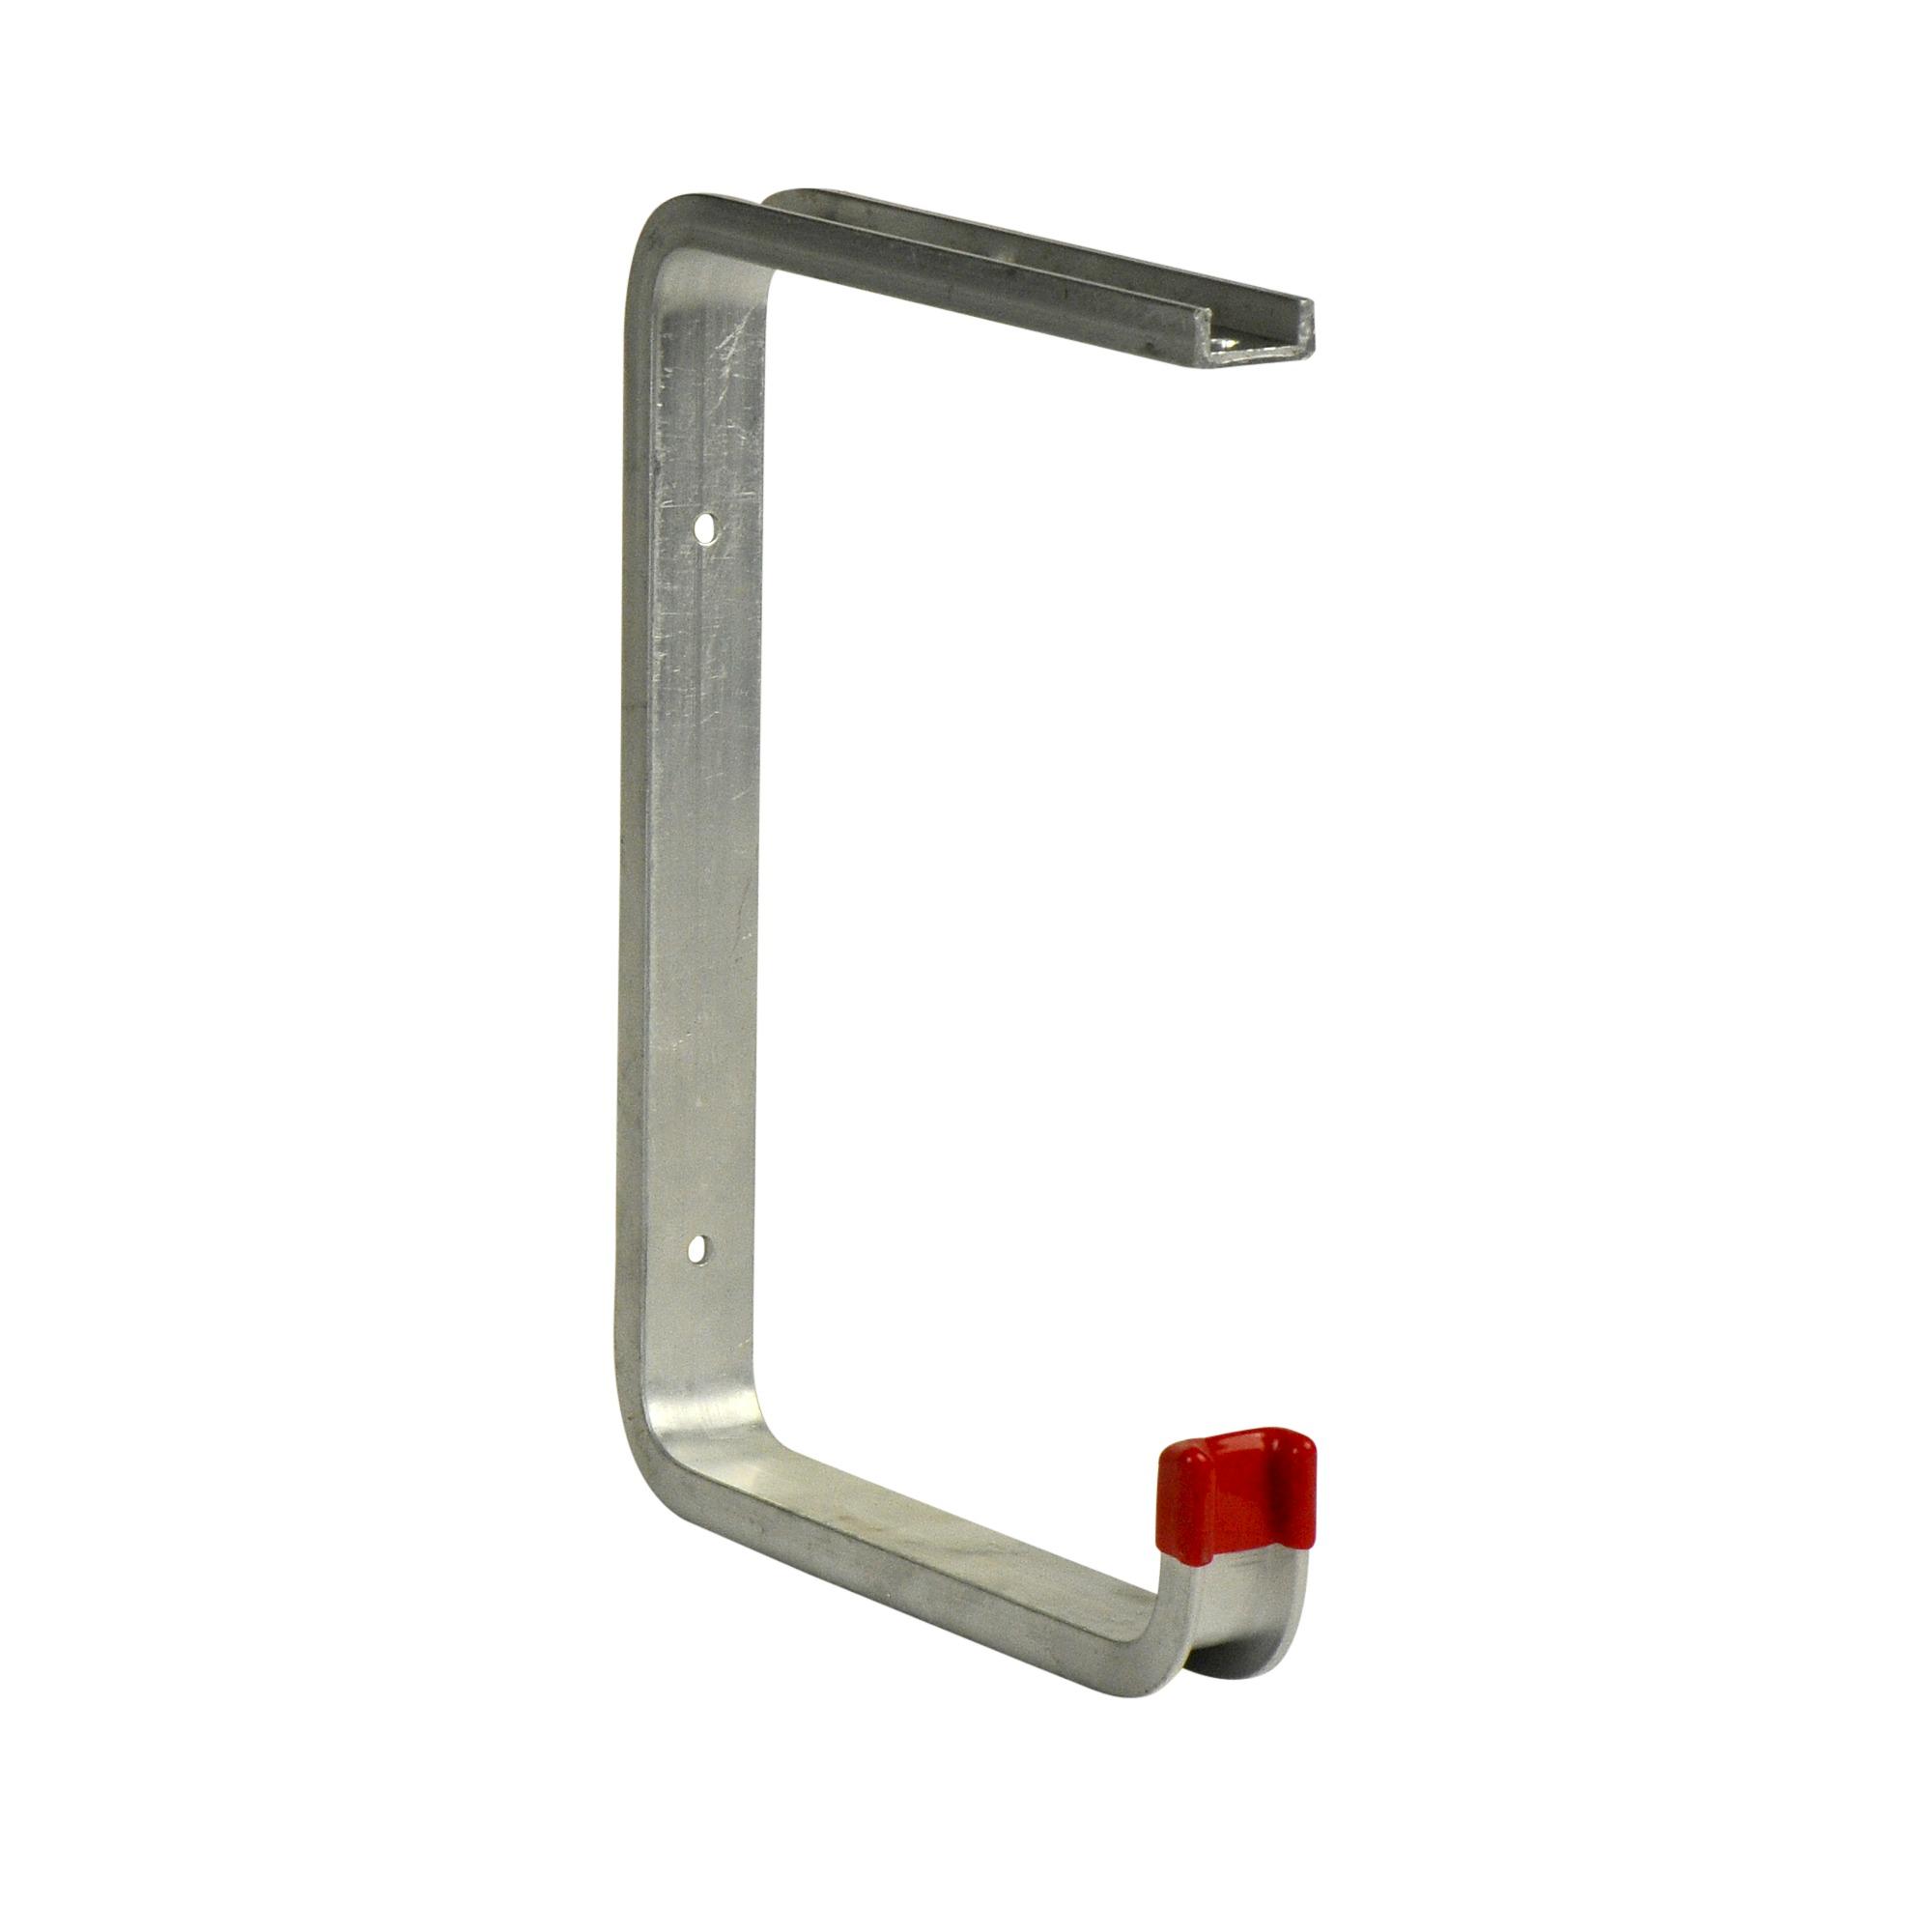 De duraline ophangbeugel is gemaakt van aluminium en is uitermate geschikt voor in de berging of garage. je ...